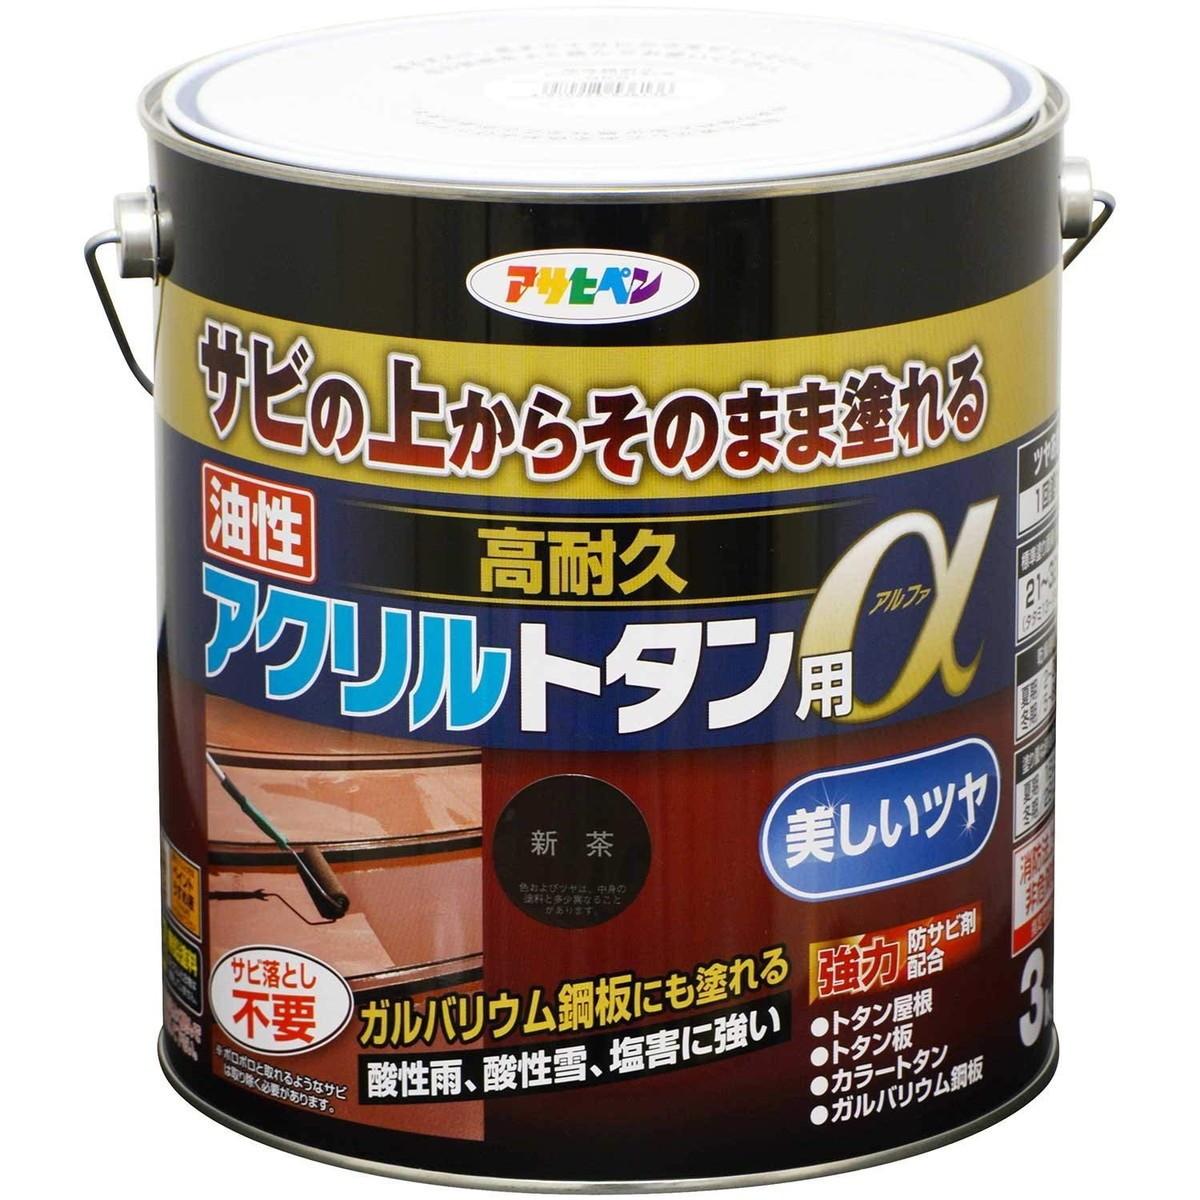 アサヒペン トタン用塗料 3kg 新茶【クーポン配布中】